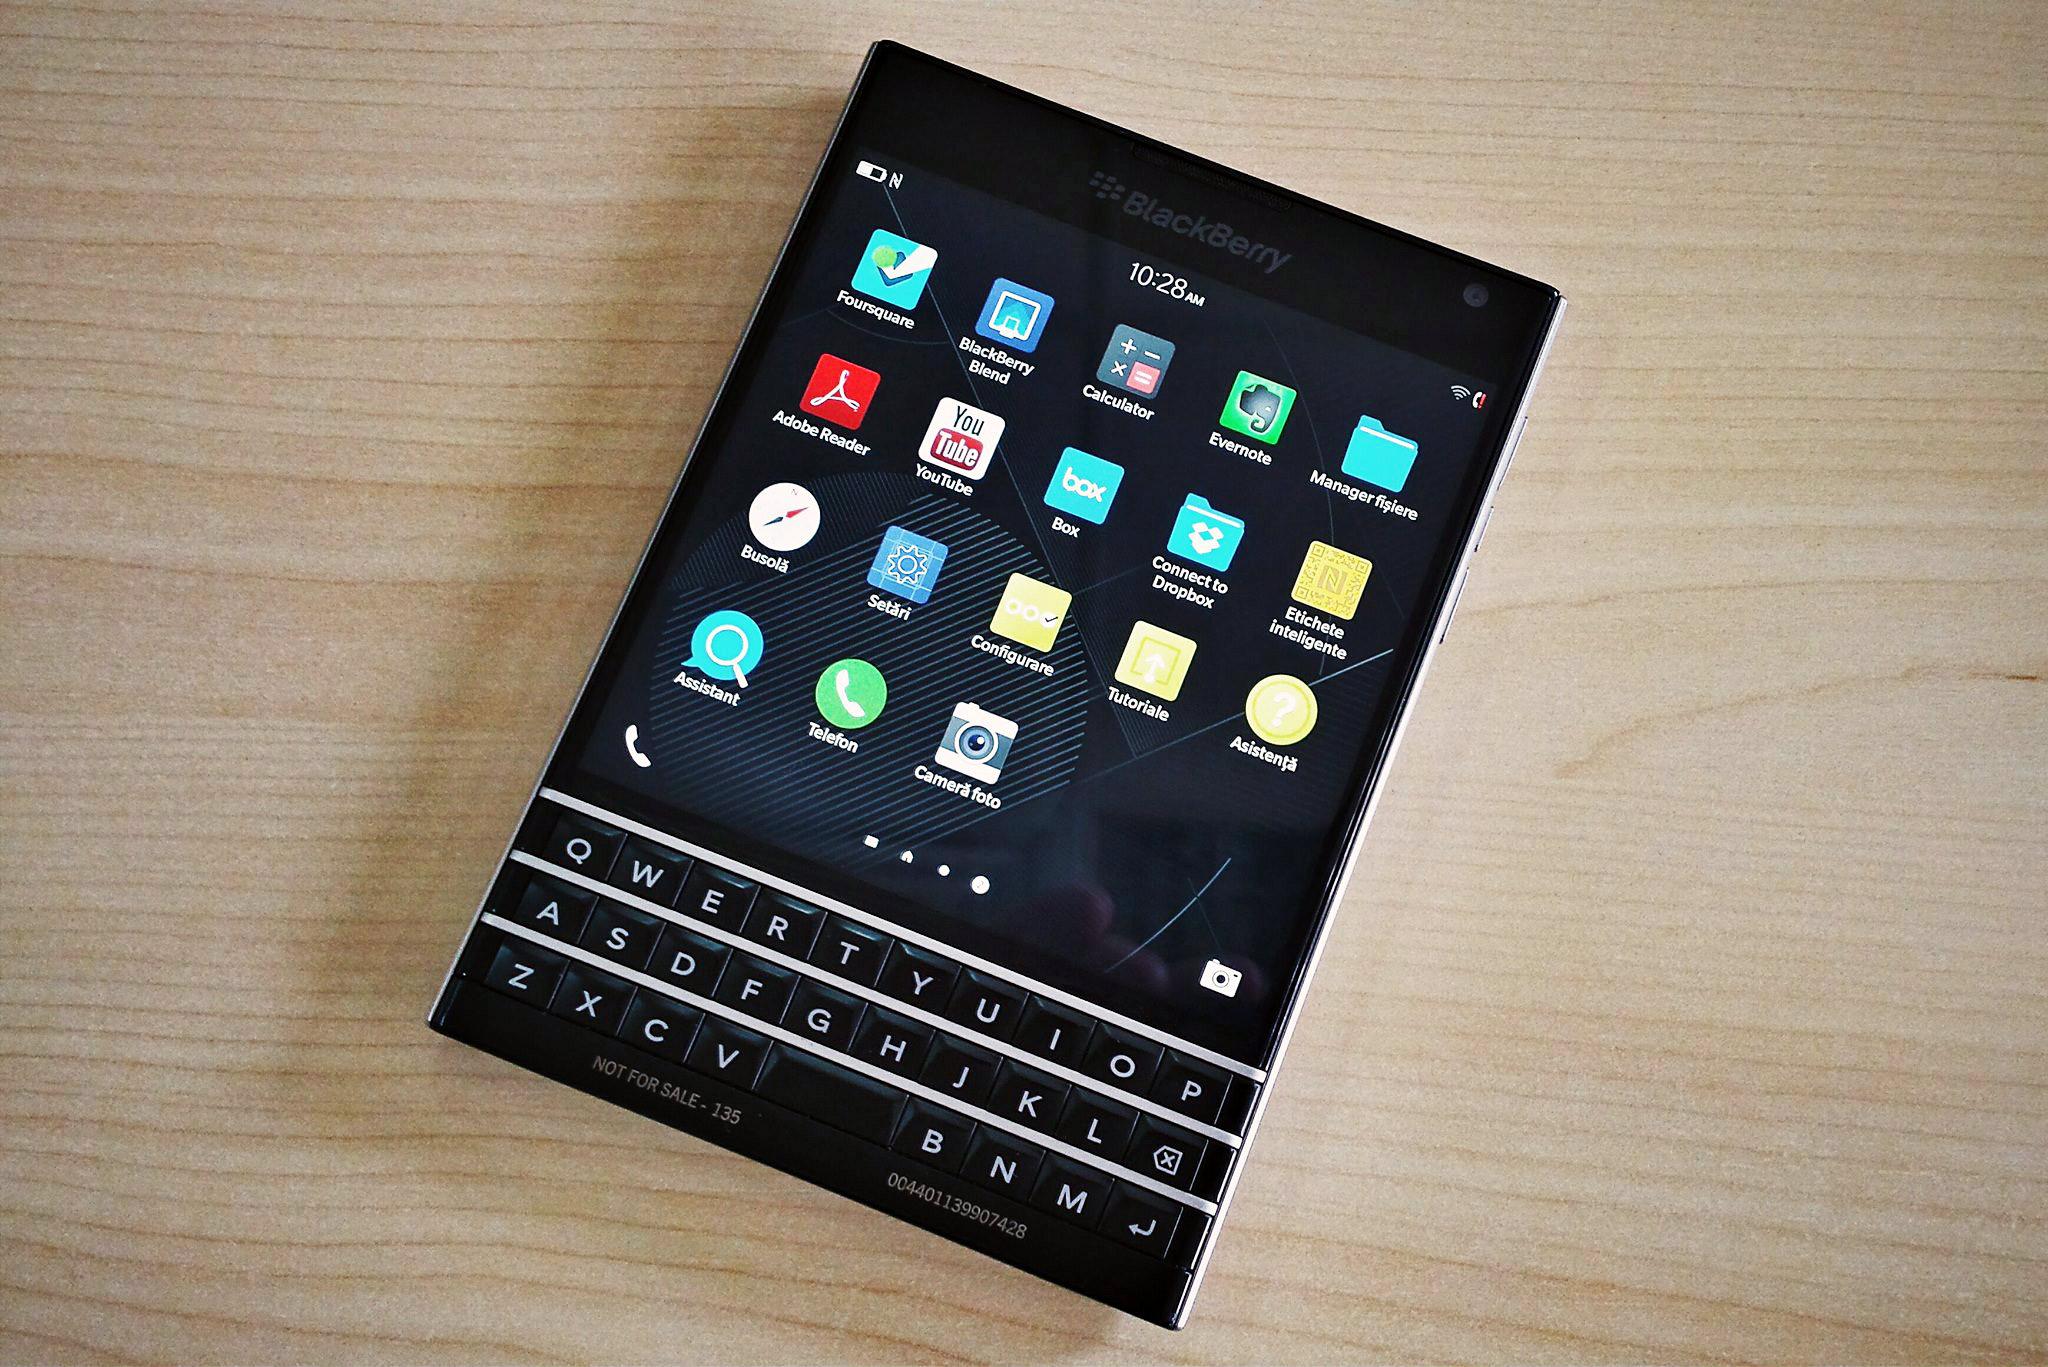 Blackberry Passport e cel mai ciudat telefon, dar e și foarte rezistent [VIDEO]